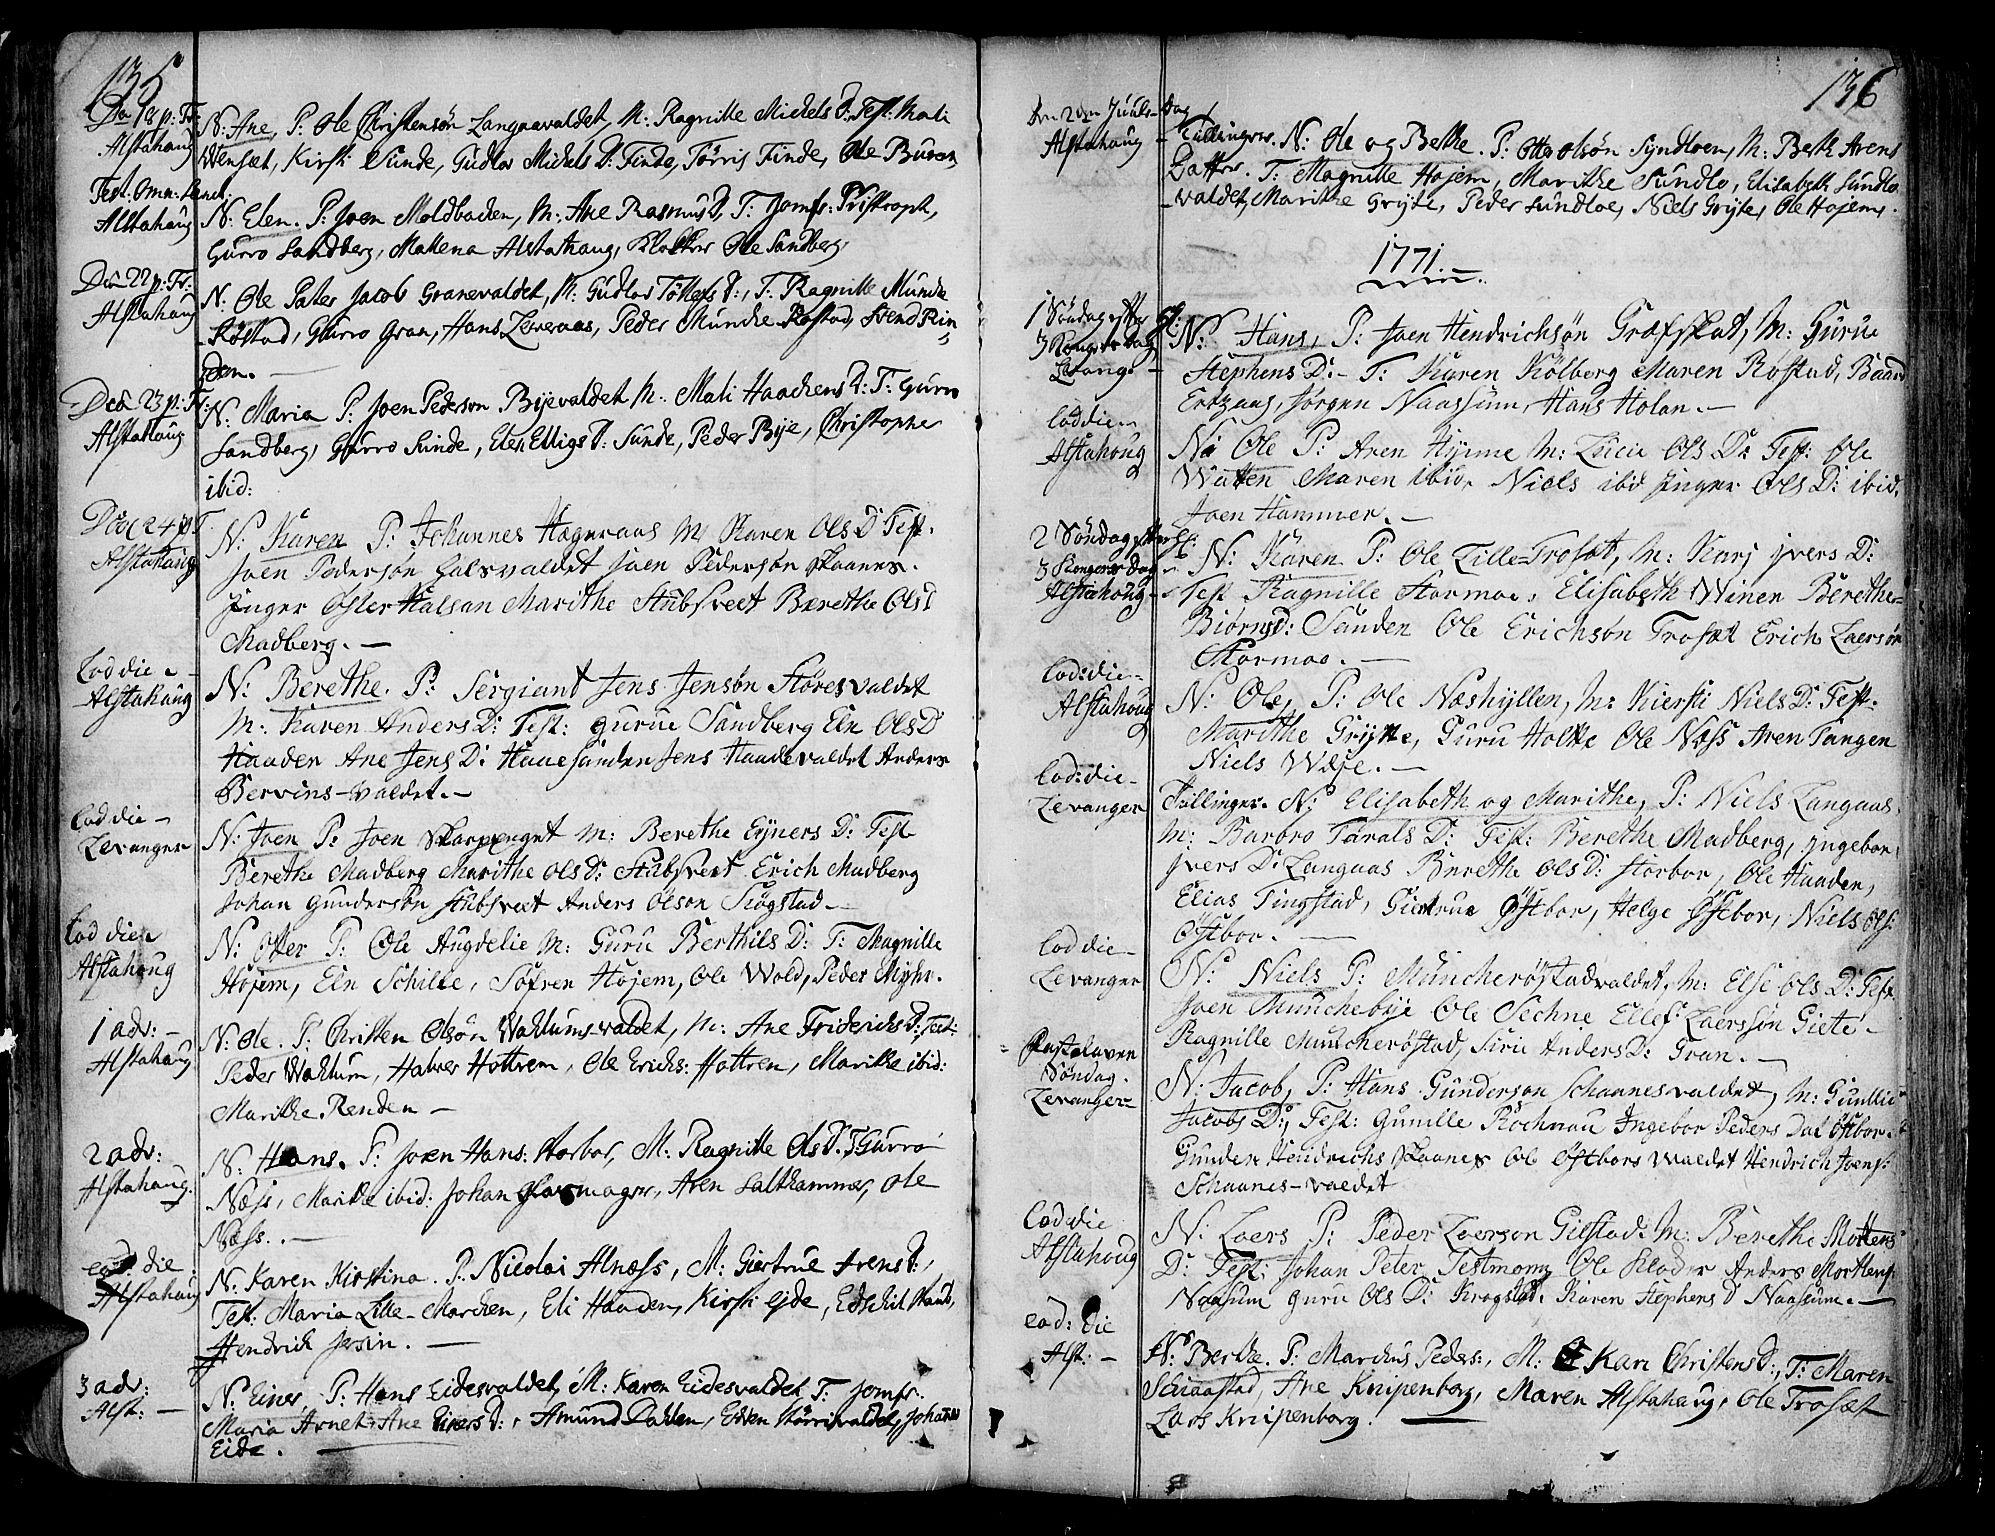 SAT, Ministerialprotokoller, klokkerbøker og fødselsregistre - Nord-Trøndelag, 717/L0141: Ministerialbok nr. 717A01, 1747-1803, s. 135-136